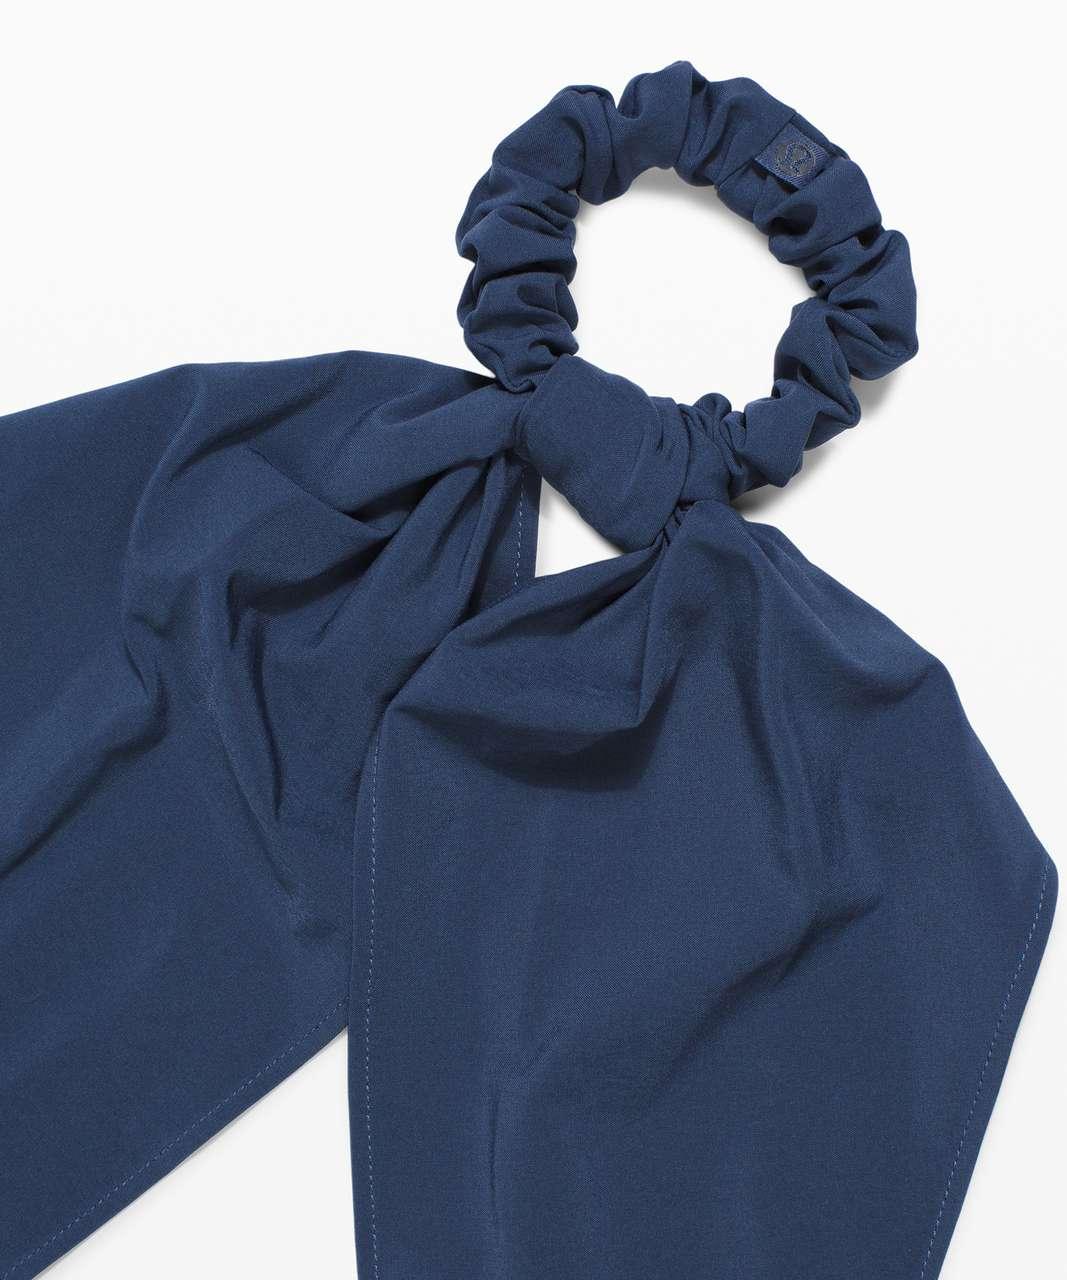 Lululemon Uplifting Scrunchie *Flow - Iron Blue